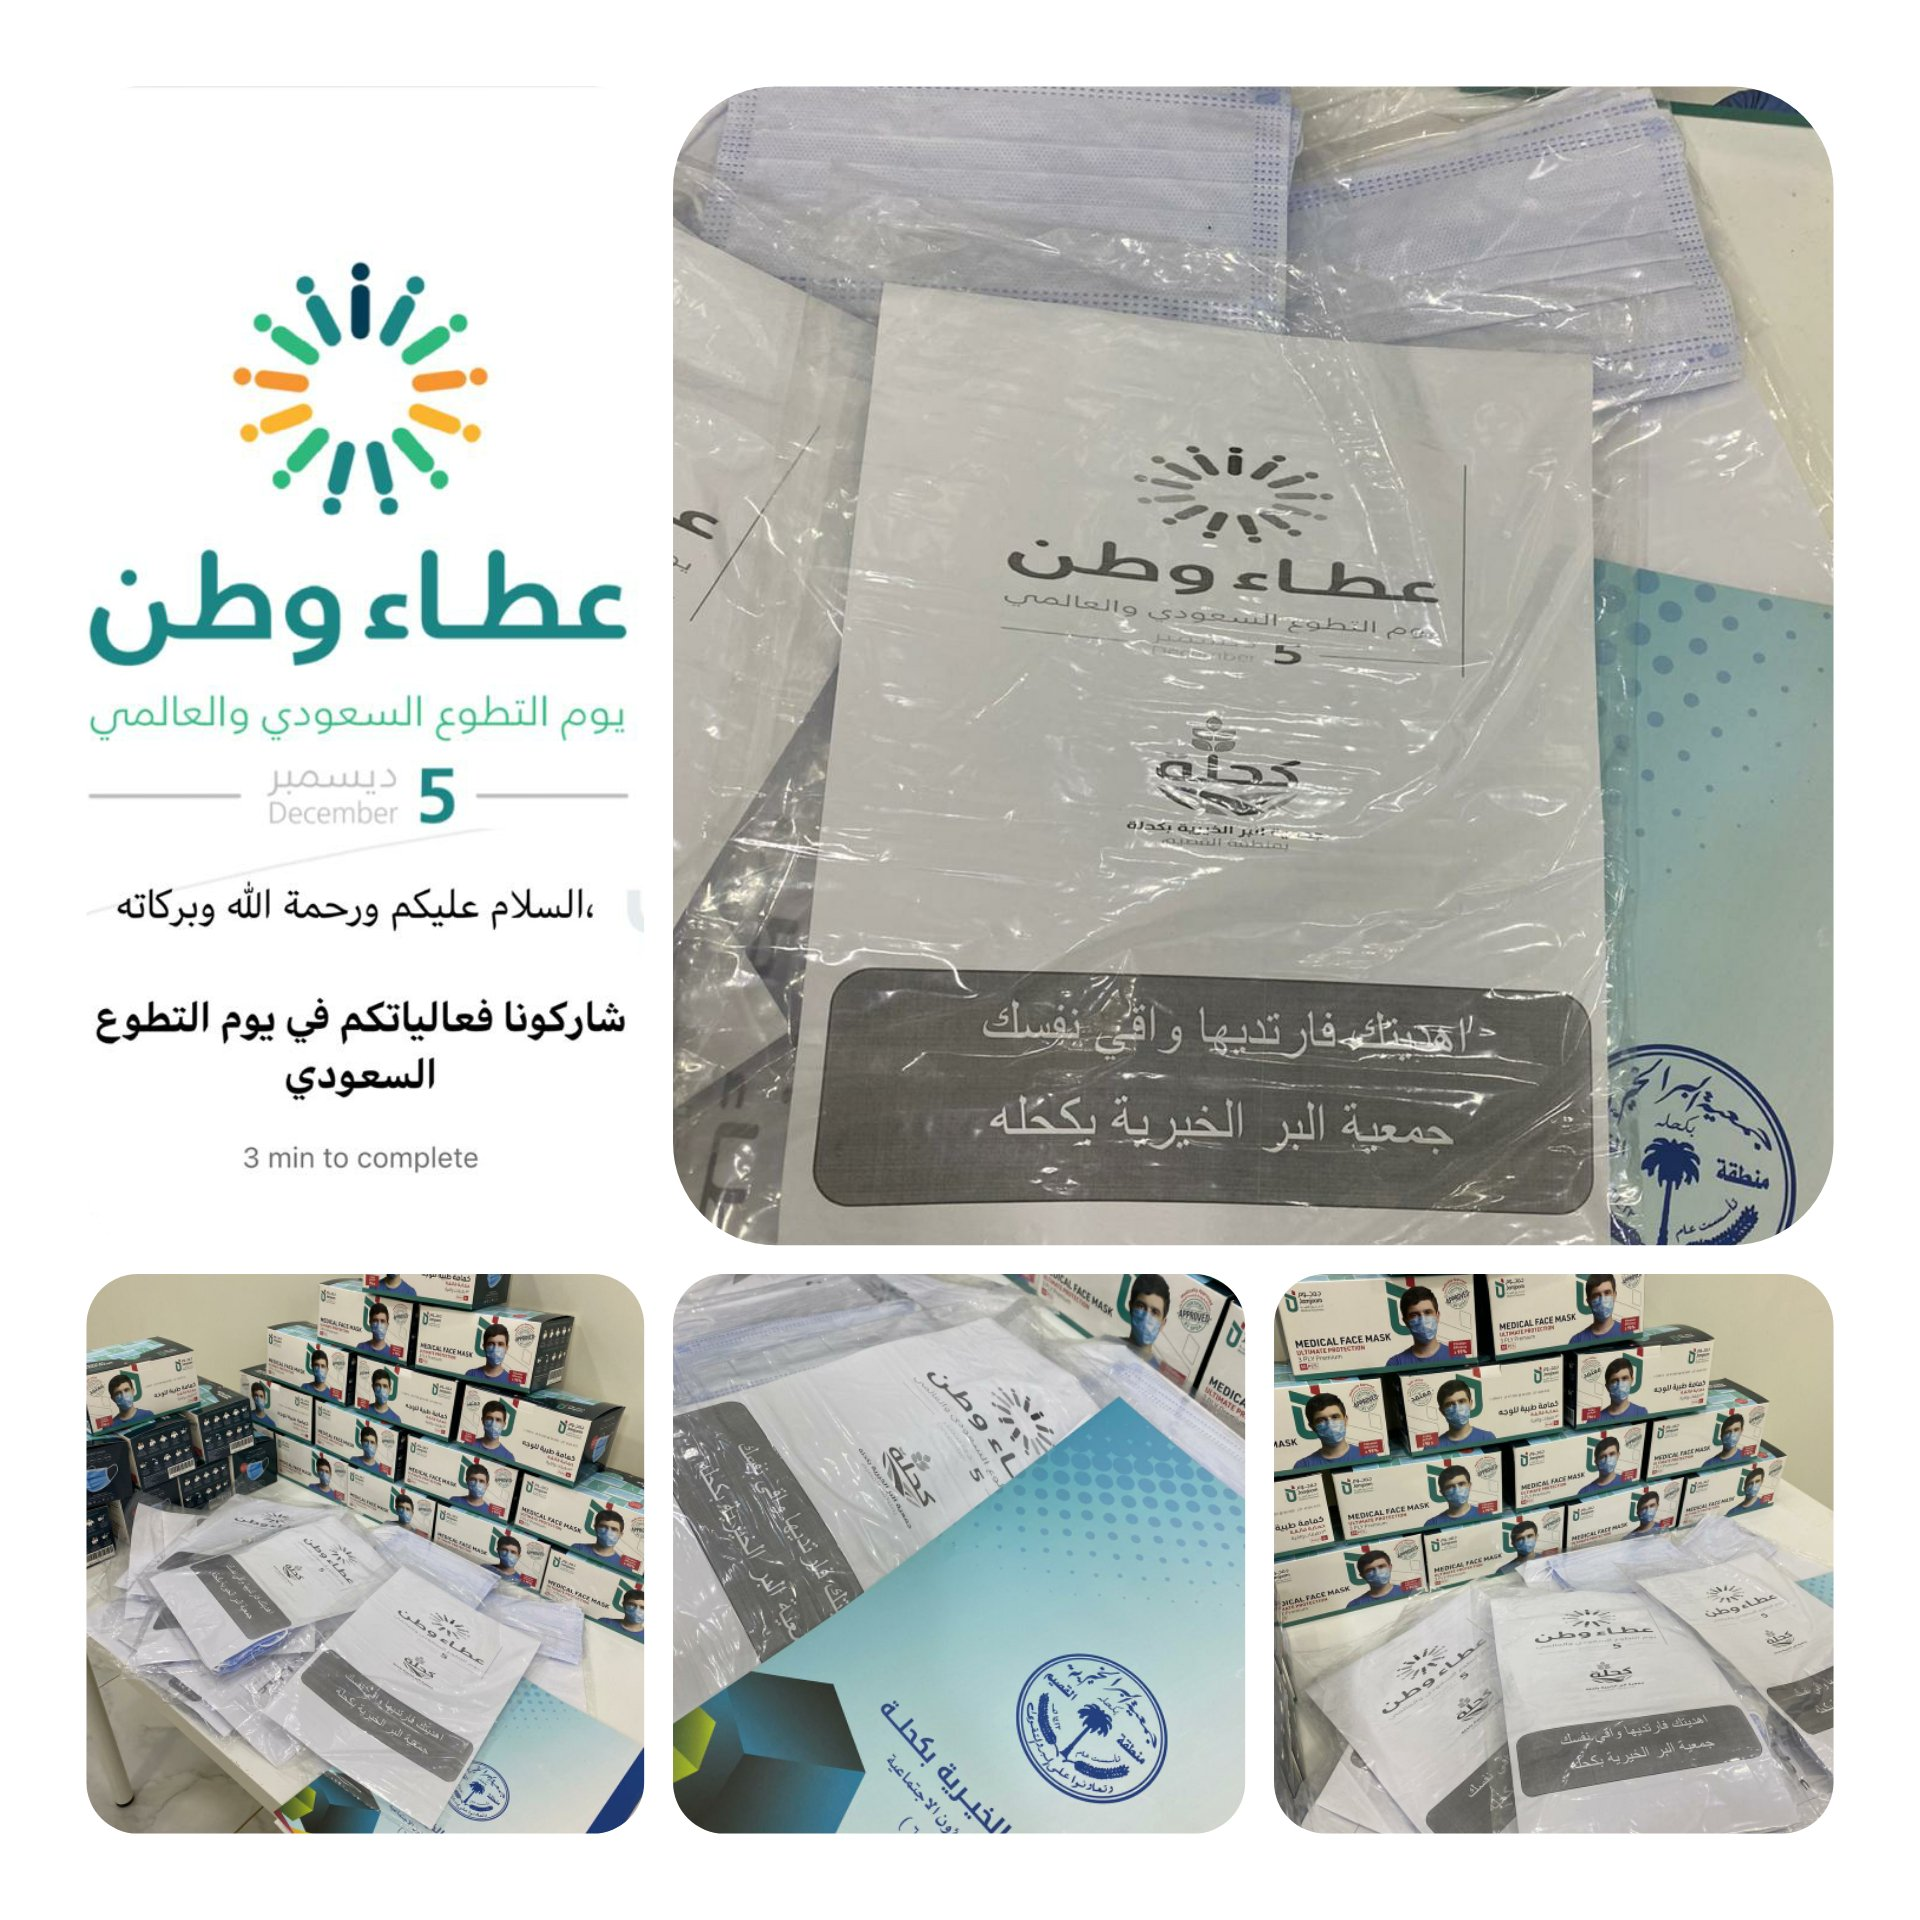 عطاء وطن - جمعية البر الخيرية بكحلة